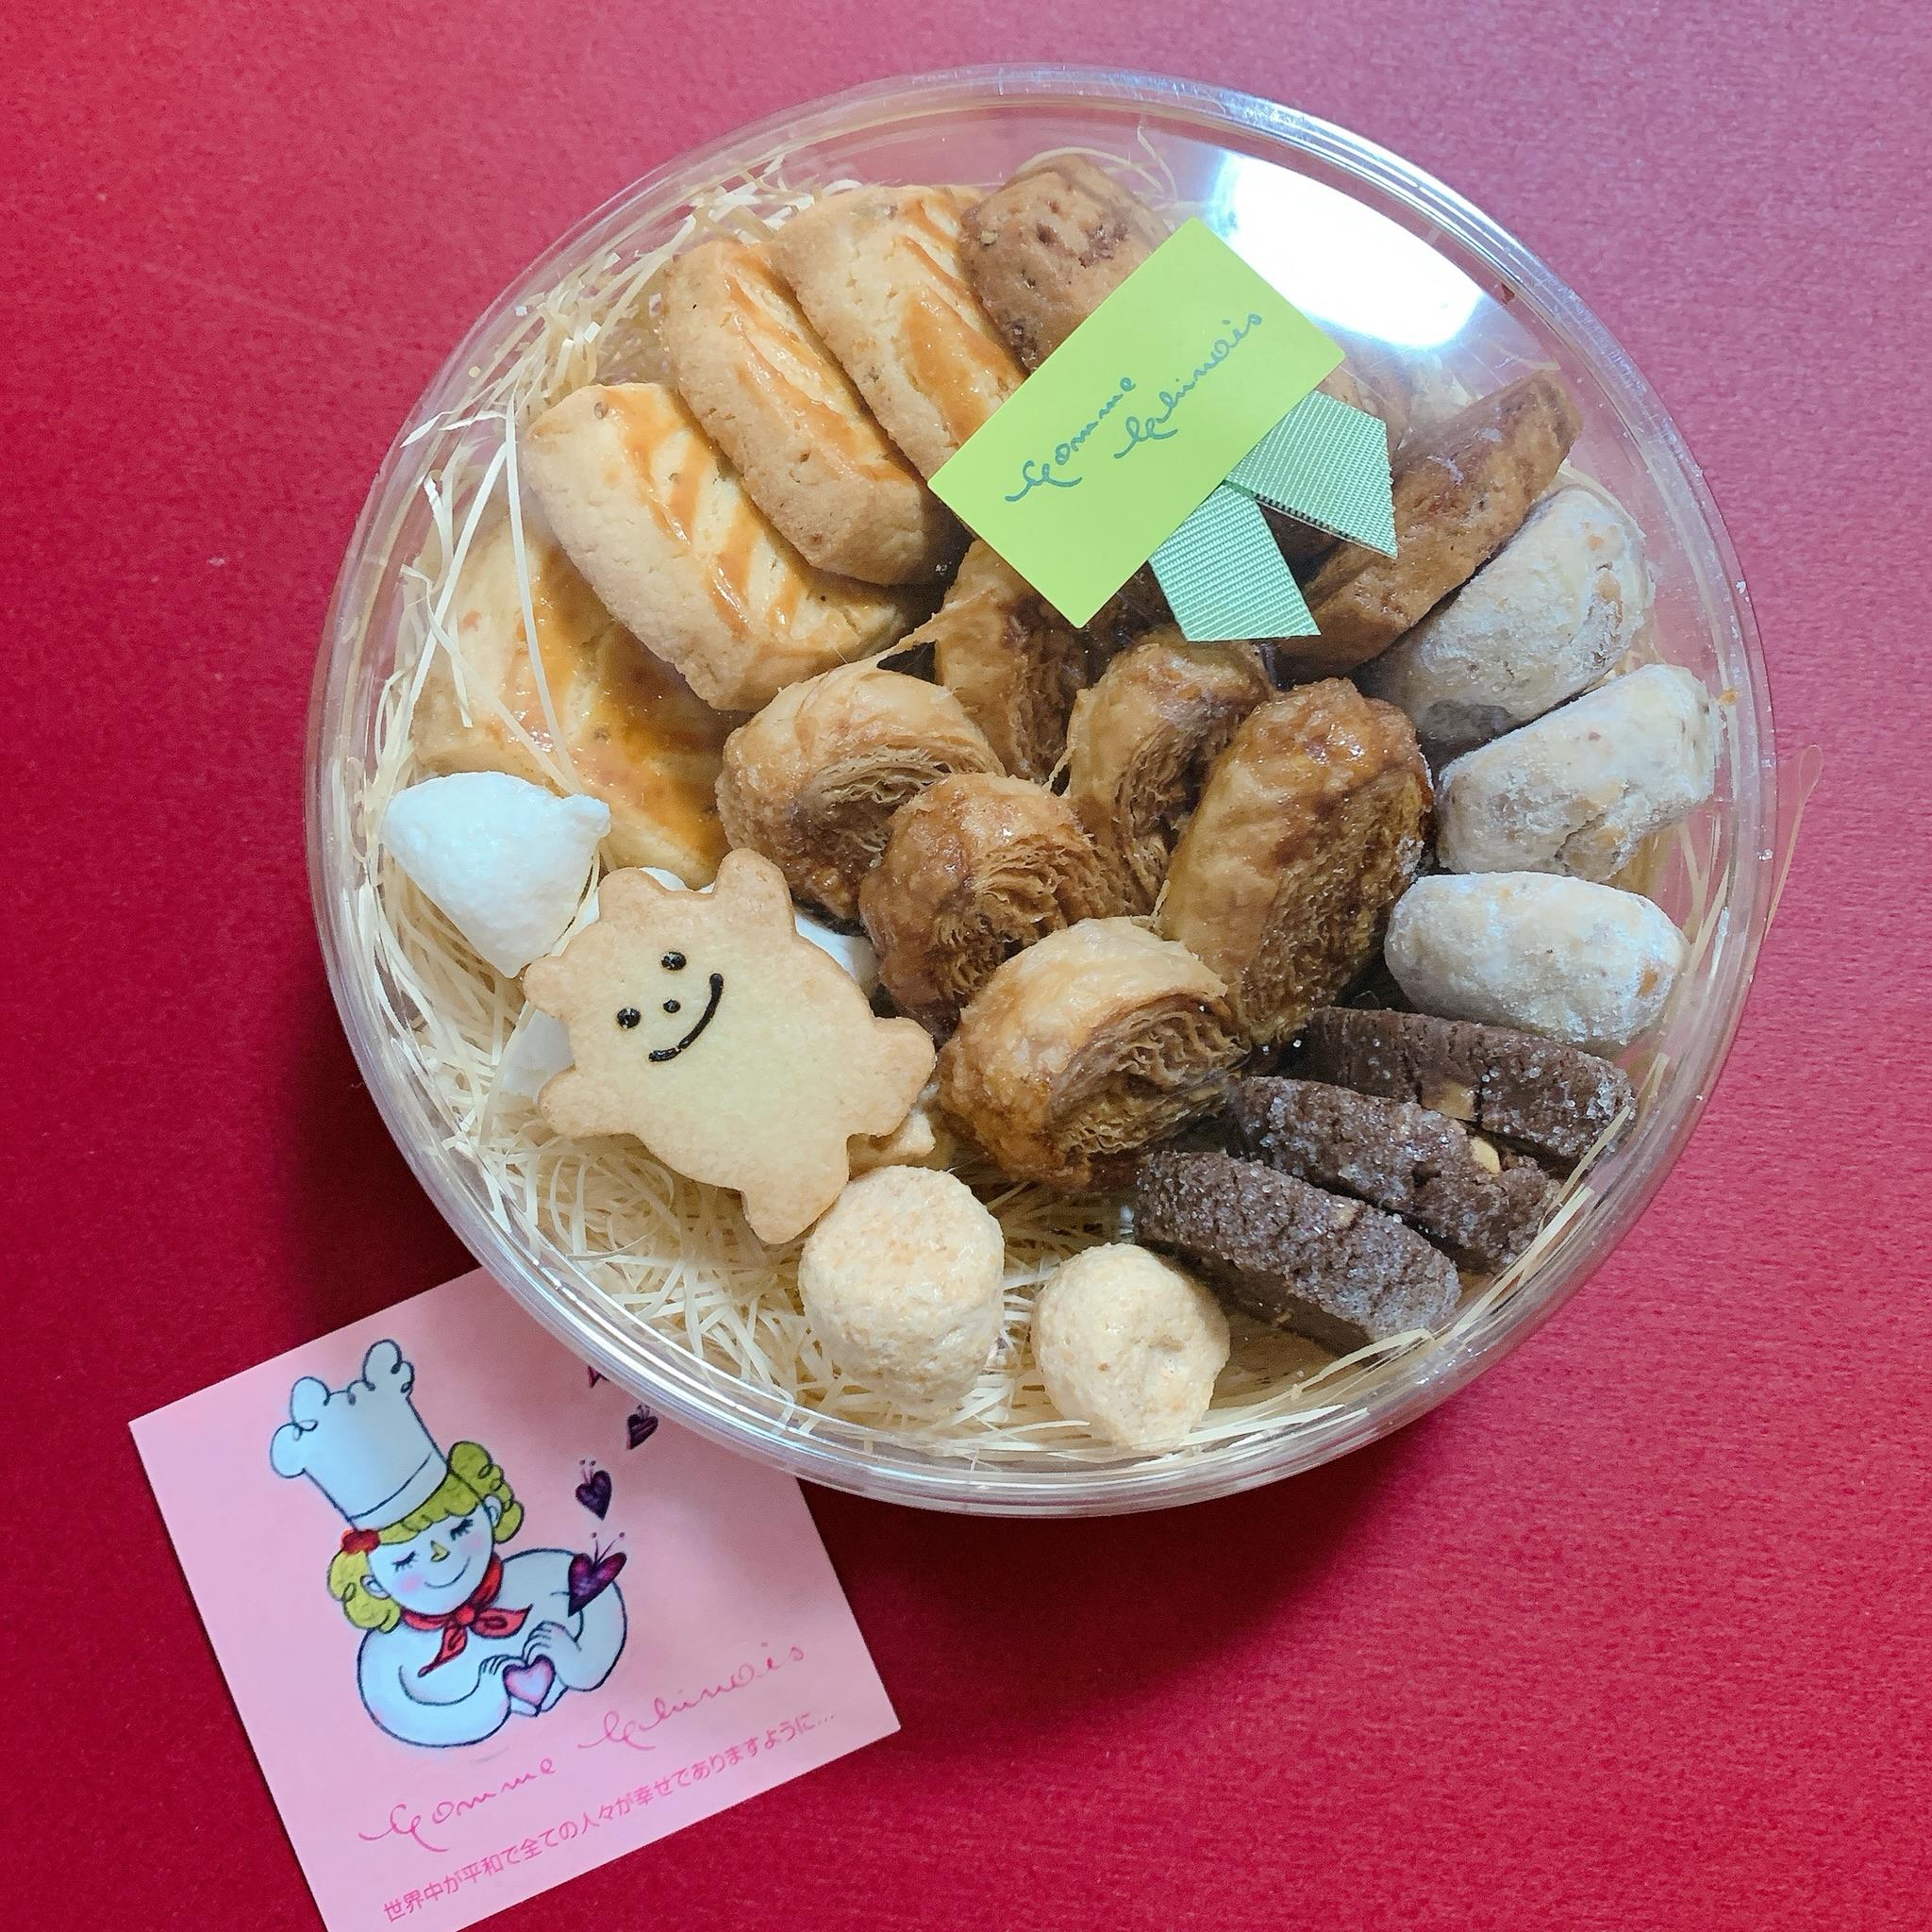 【神戸】フレンチや洋菓子、パンで有名な コム・シノワのクッキー サブレ詰め合わせ【おもたせ お土産】_1